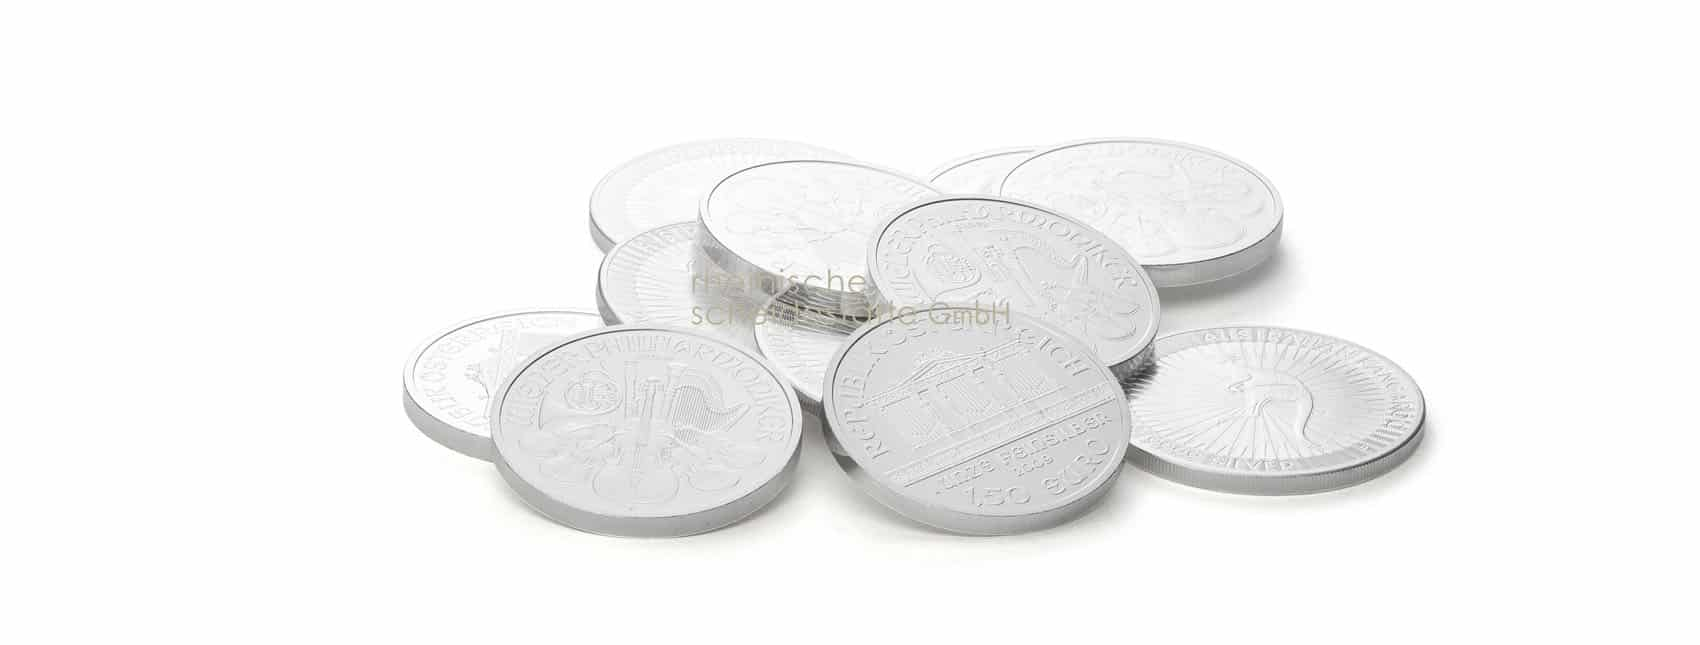 Silbermünzen Vergleich